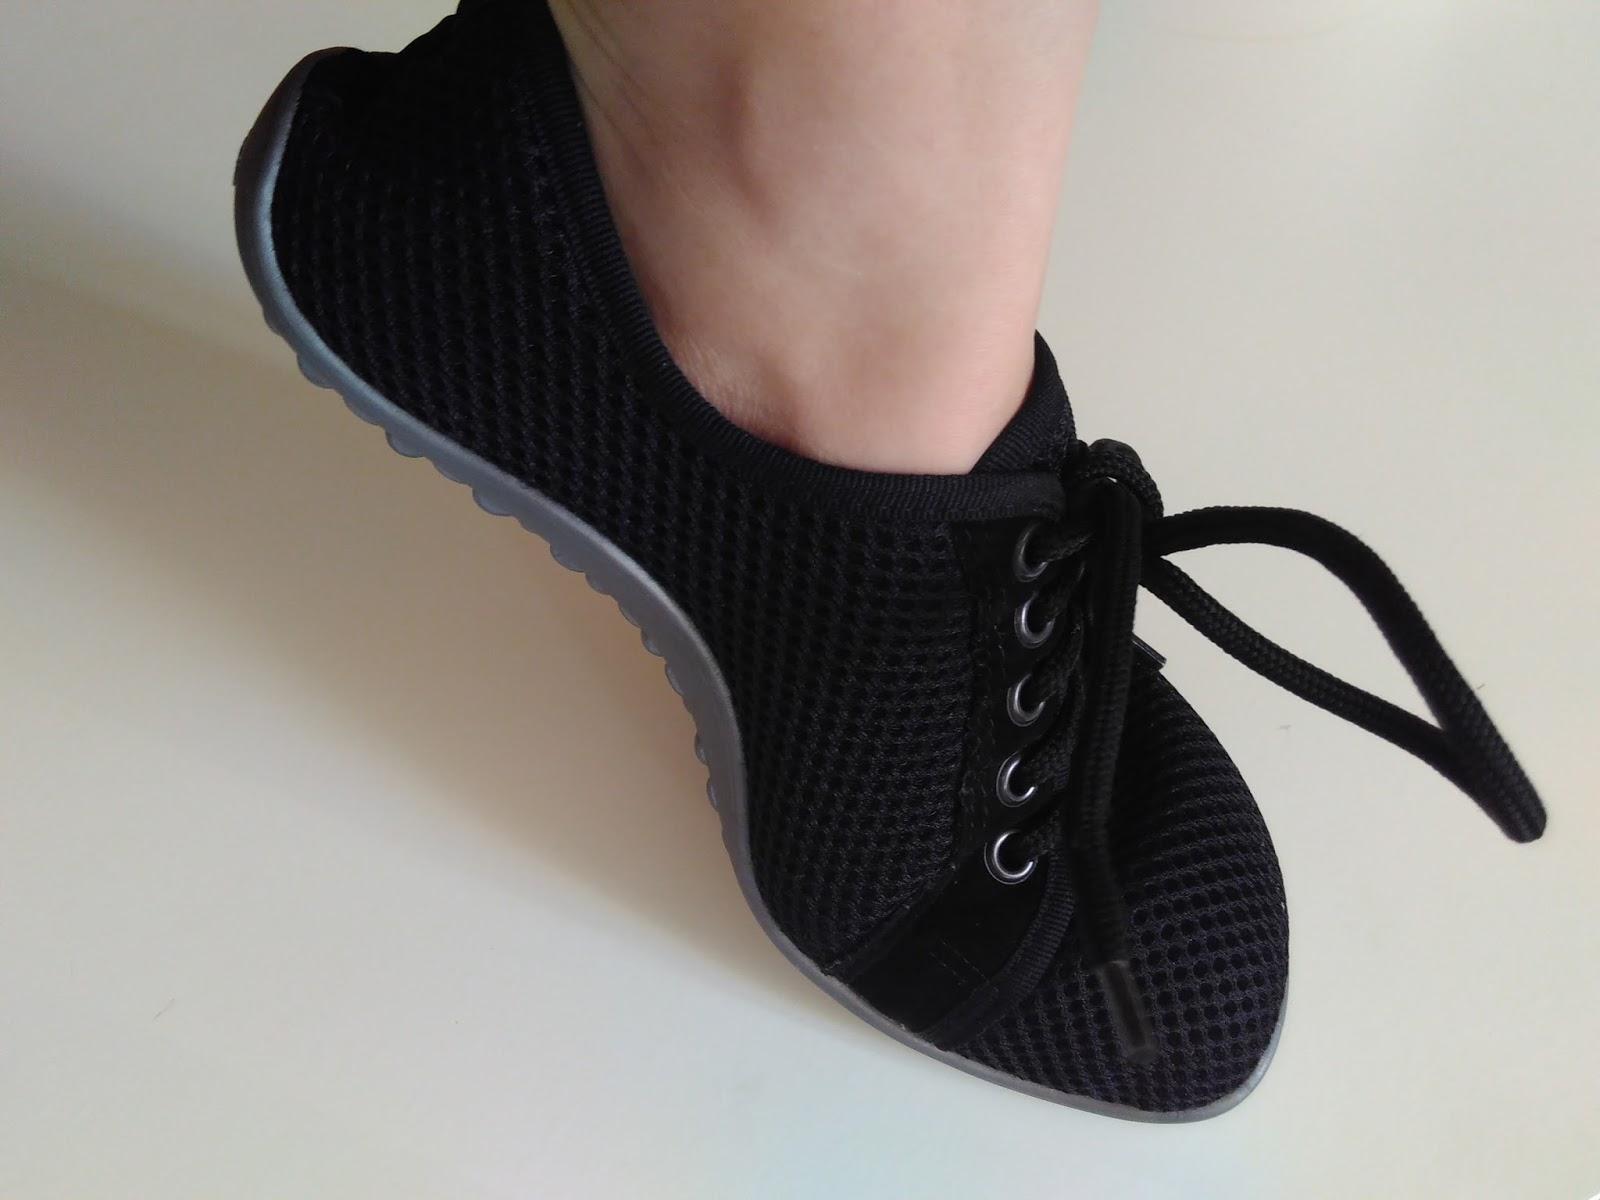 a4ea4d75005617 Ich kann auch im Alltag mit den Schuhen mit den Zehen wackeln